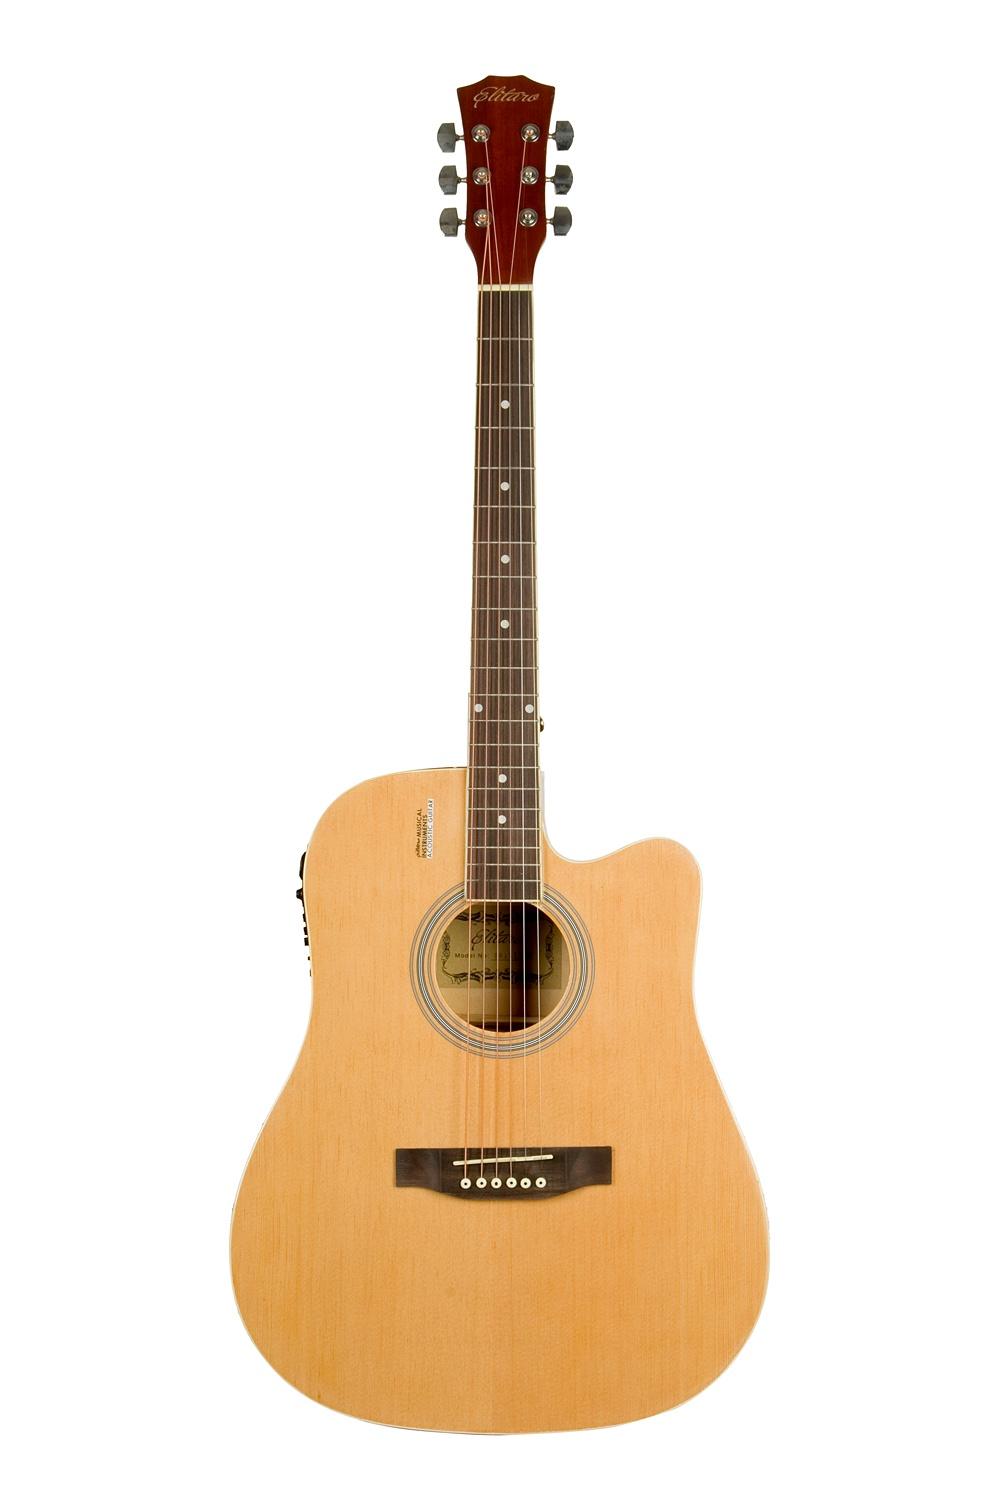 Elitaro-E4110C-Beige-akusticheskaya-gitara-150945738